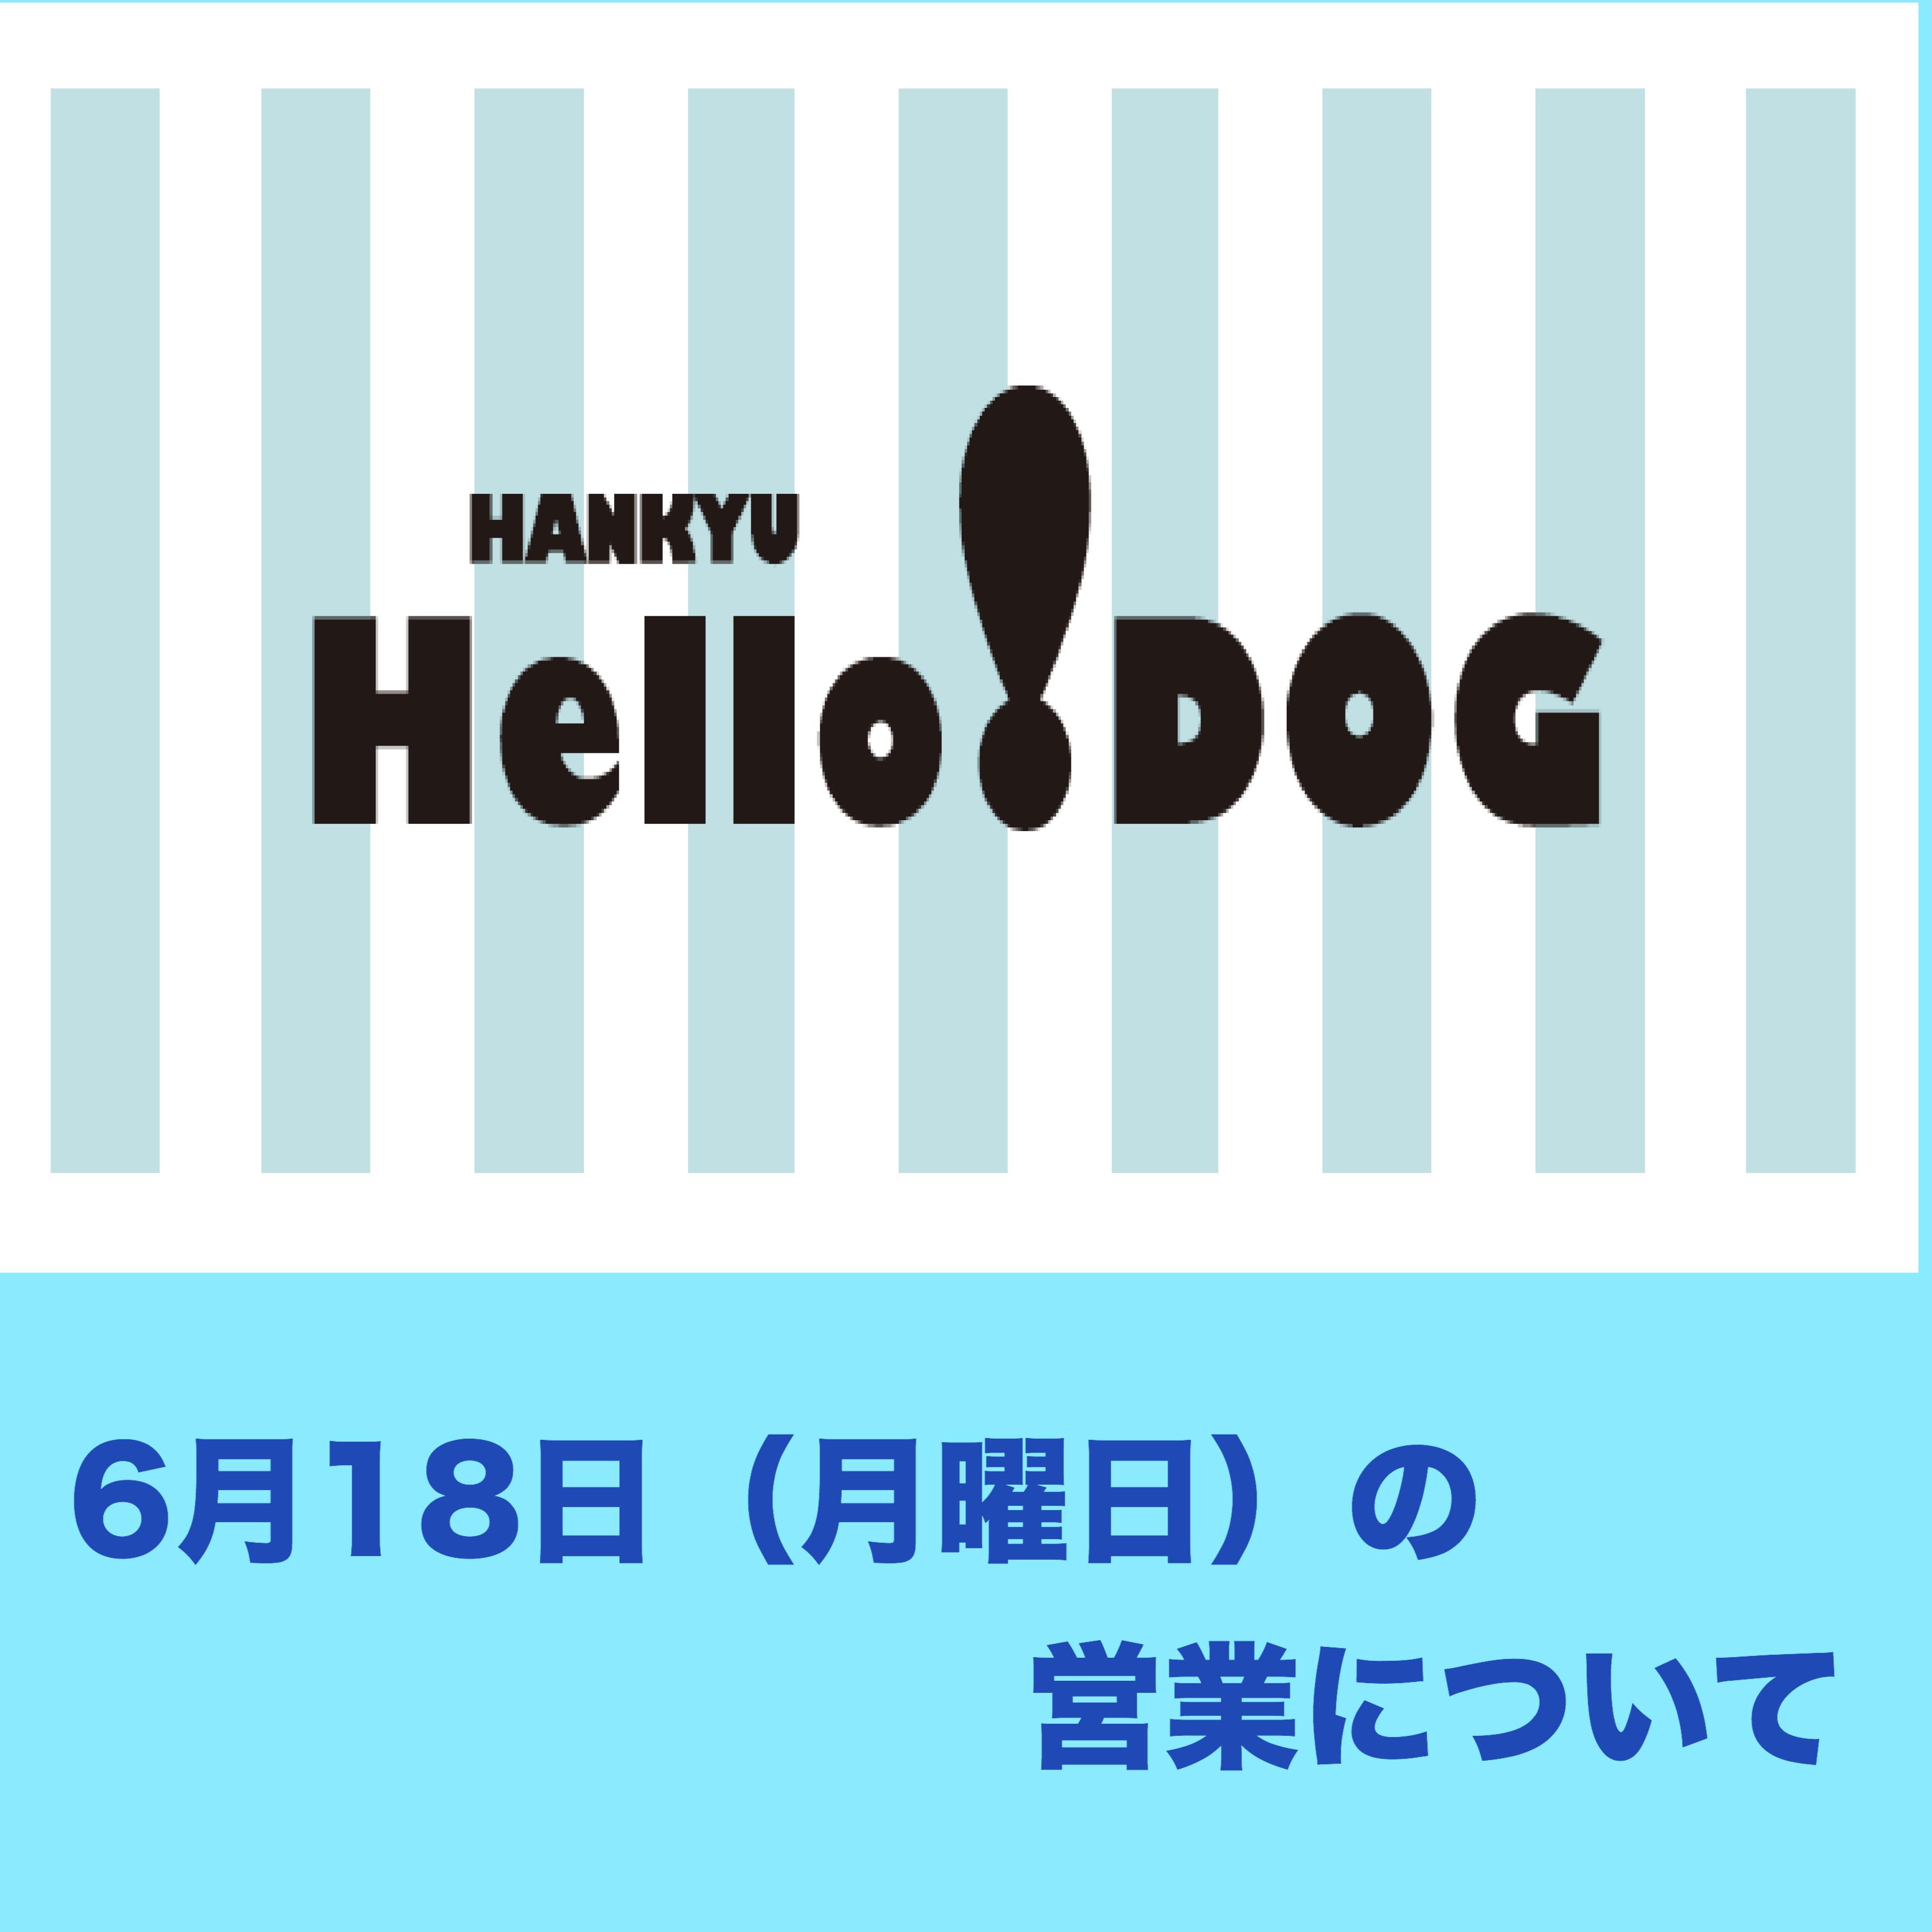 6月18日(月曜日) 阪急ハロードッグ各店の営業について